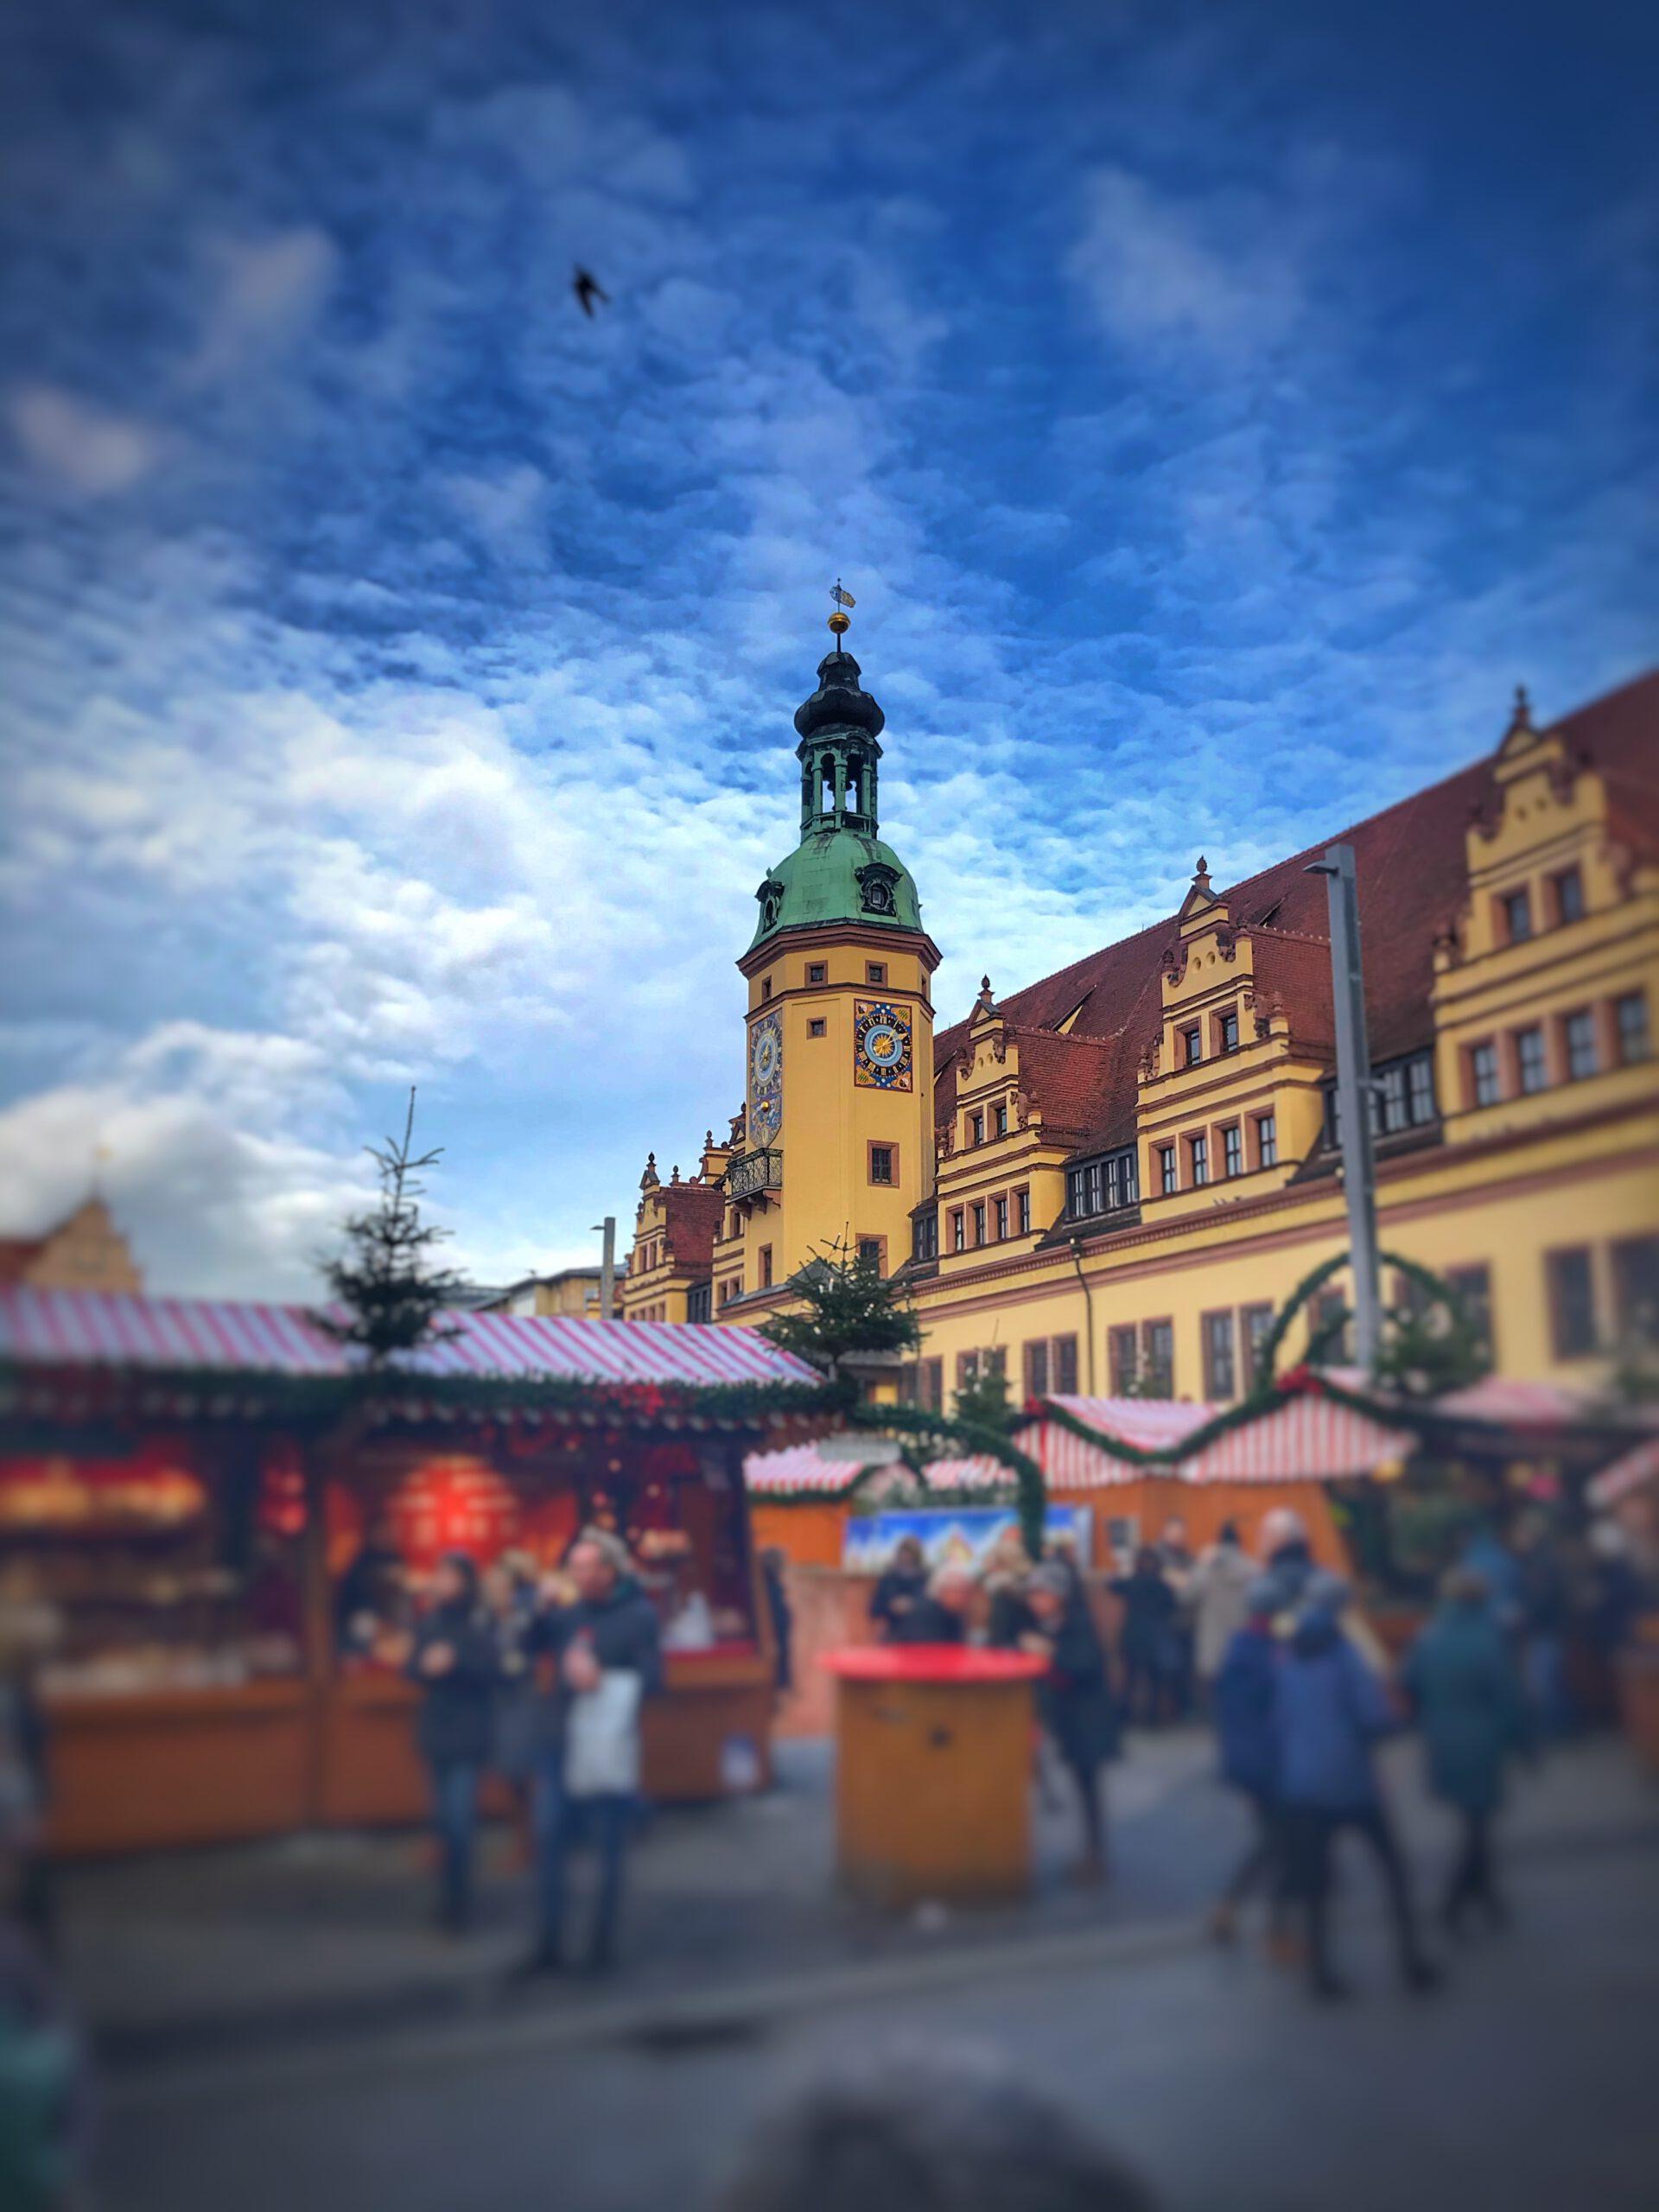 Weihnachtsmarkt Leipzig Altes Rathaus Leipzig